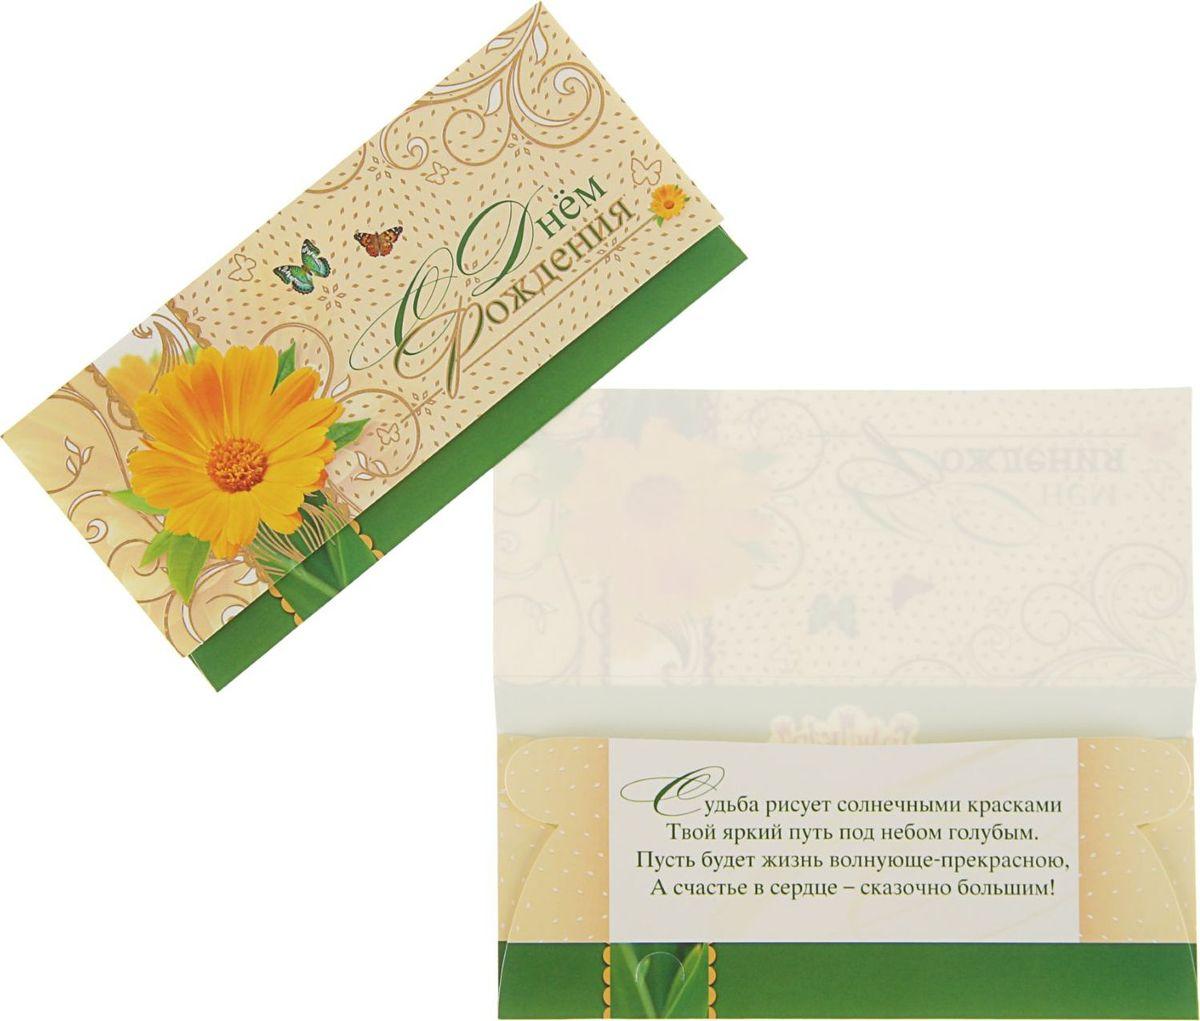 Конверт для денег Гранд Дизайн С Днем Рождения! Желтый цветок, бабочки, 16,3 х 8,3 см2422896Невозможно представить нашу жизнь без праздников! Мы всегда ждём их и предвкушаем, обдумываем, как проведём памятный день, тщательно выбираем подарки и аксессуары, ведь именно они создают и поддерживают торжественный настрой. Этот конверт для денег - отличный выбор, который привнесёт атмосферу праздника в ваш дом!